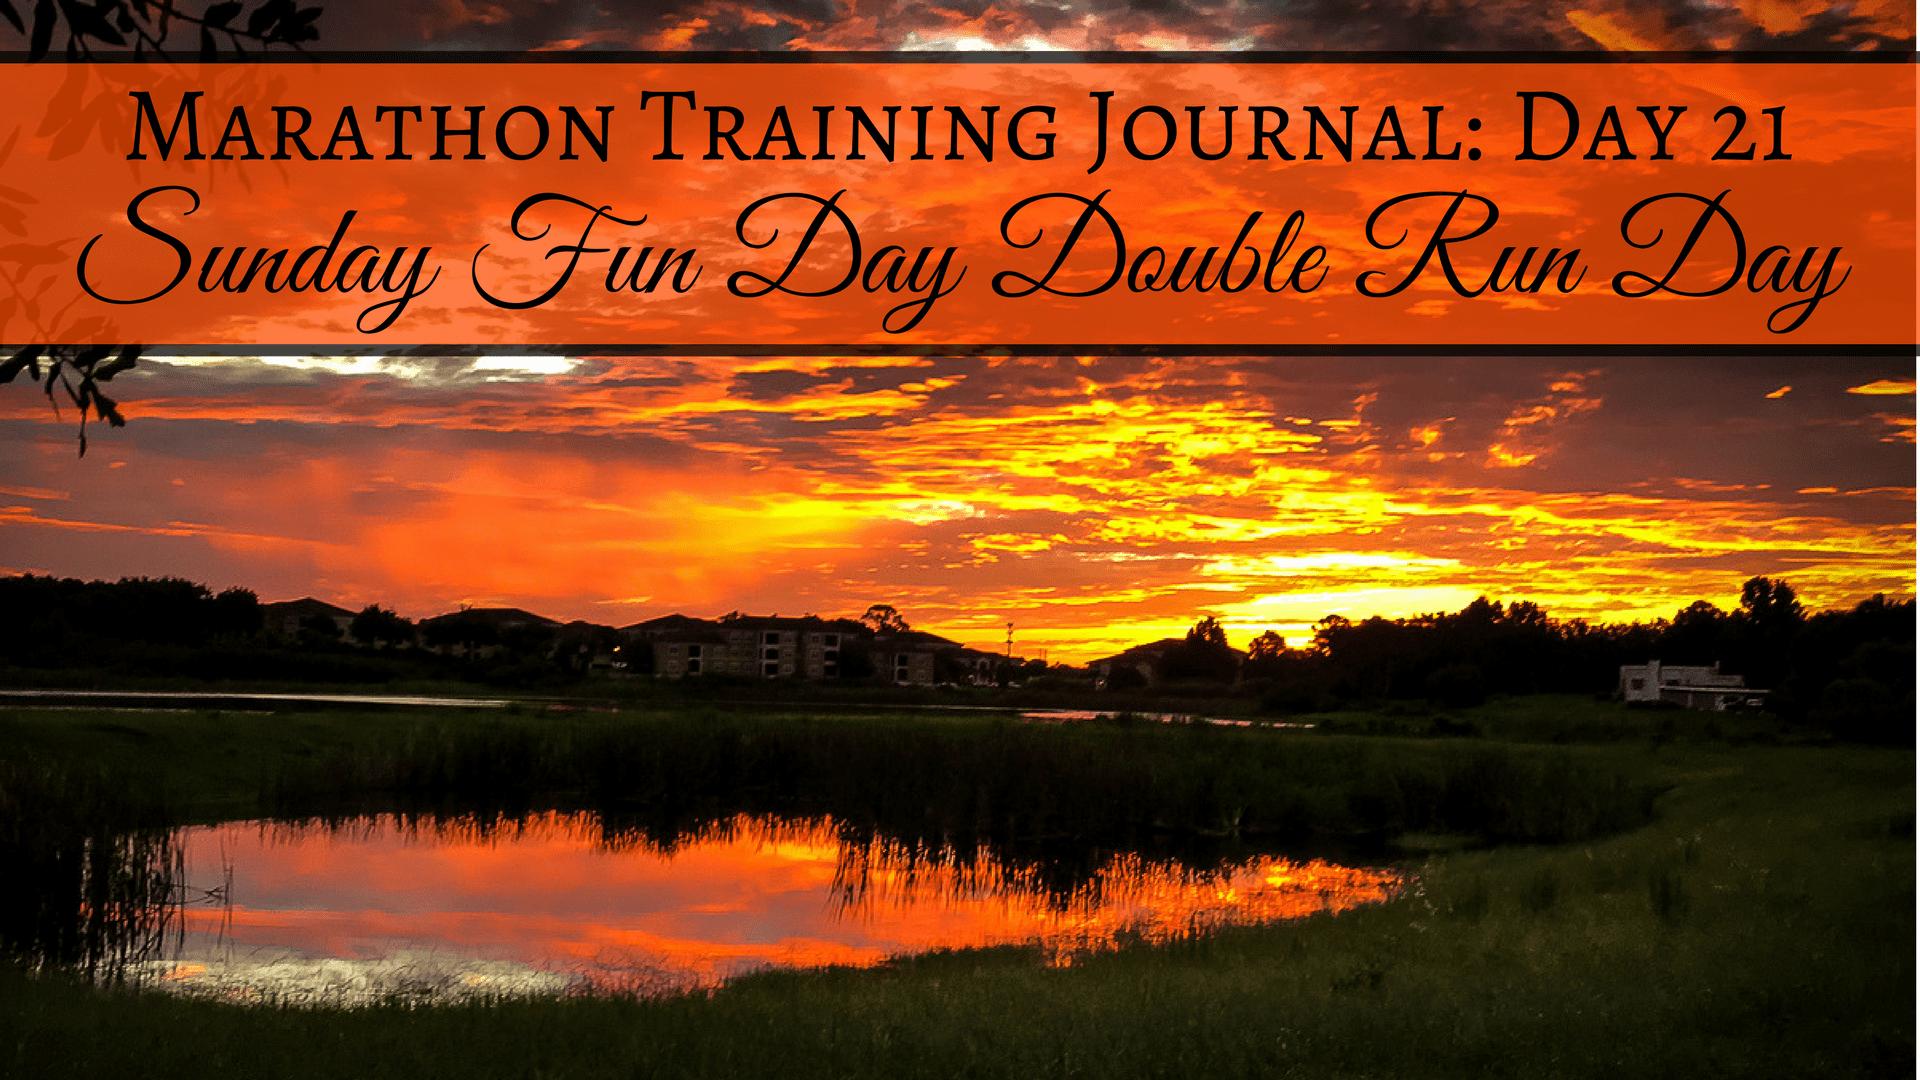 Marathon Training Journal- Day 21